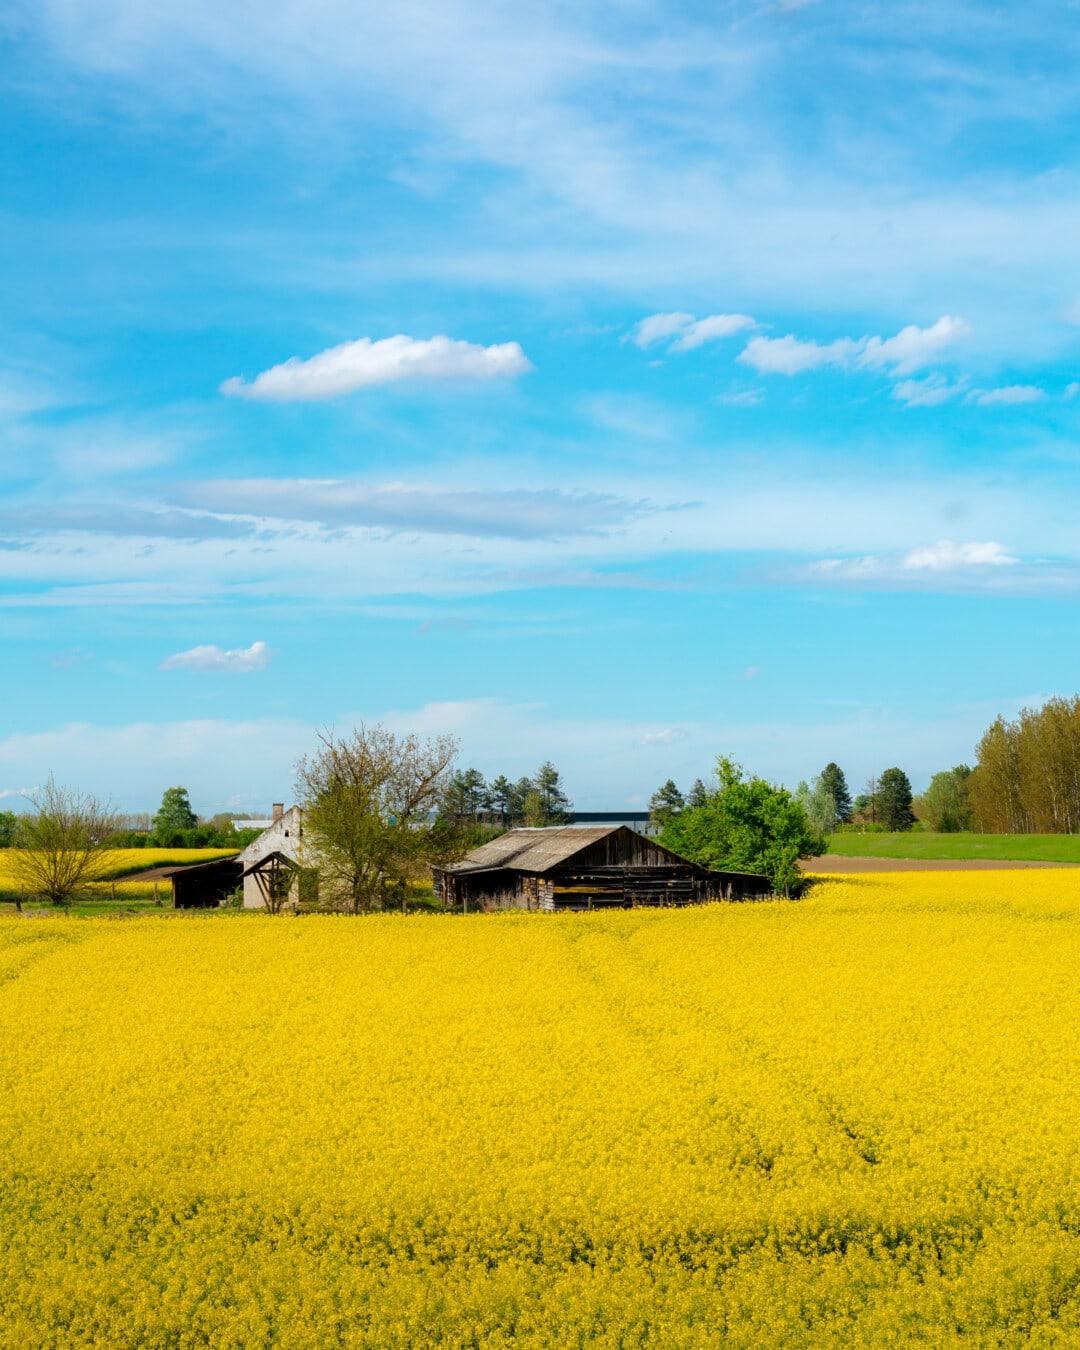 kenttä, maatalouden, rypsi, vanha, lato, rappeutuminen, pilata, suojaan, siemenet, maisema